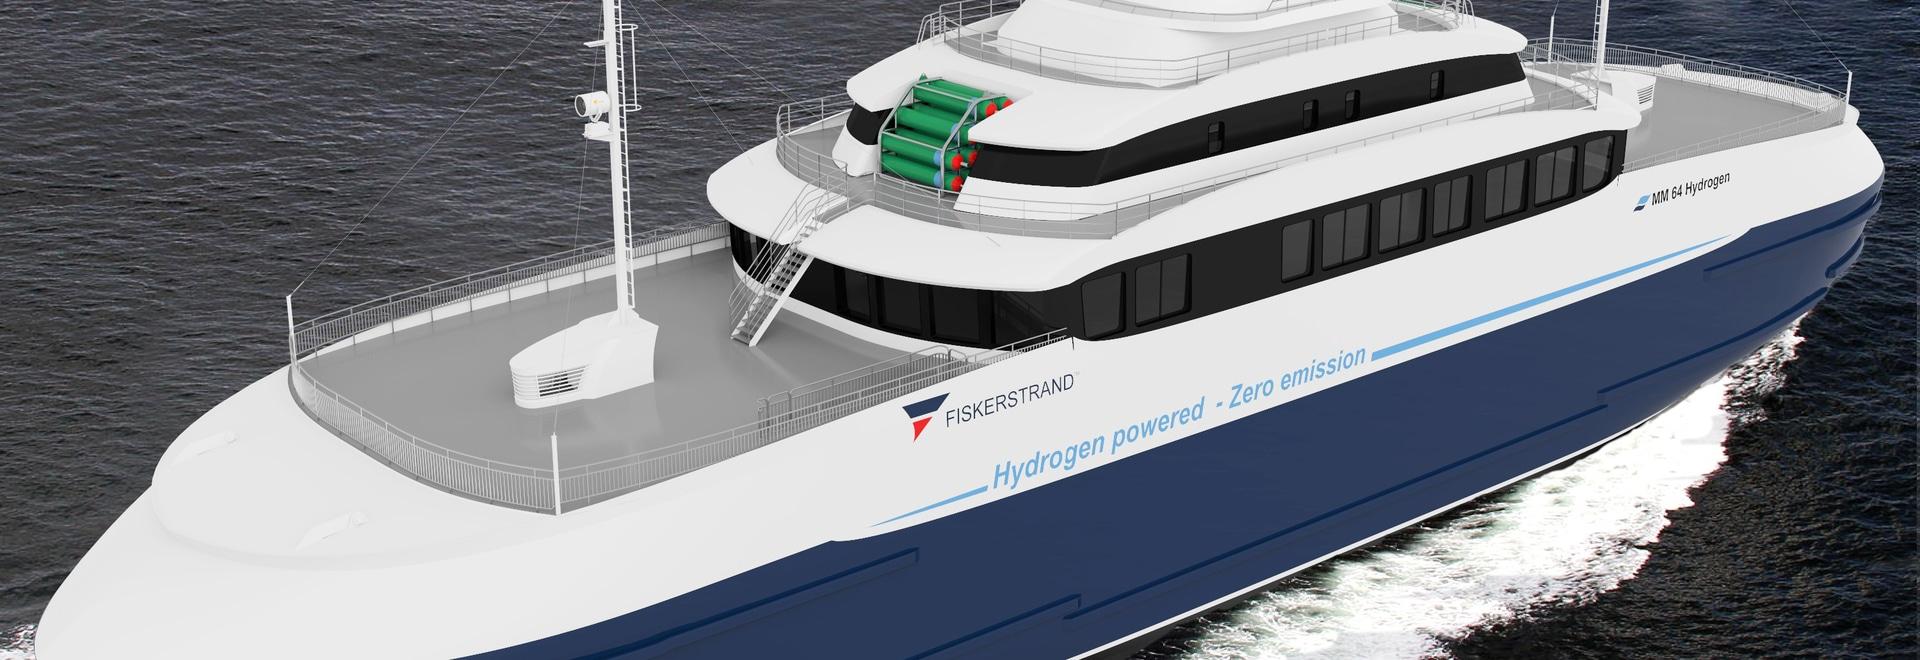 Les piles à combustible testées pour la première conversion de ferry-boat hybride à hydrogène au monde